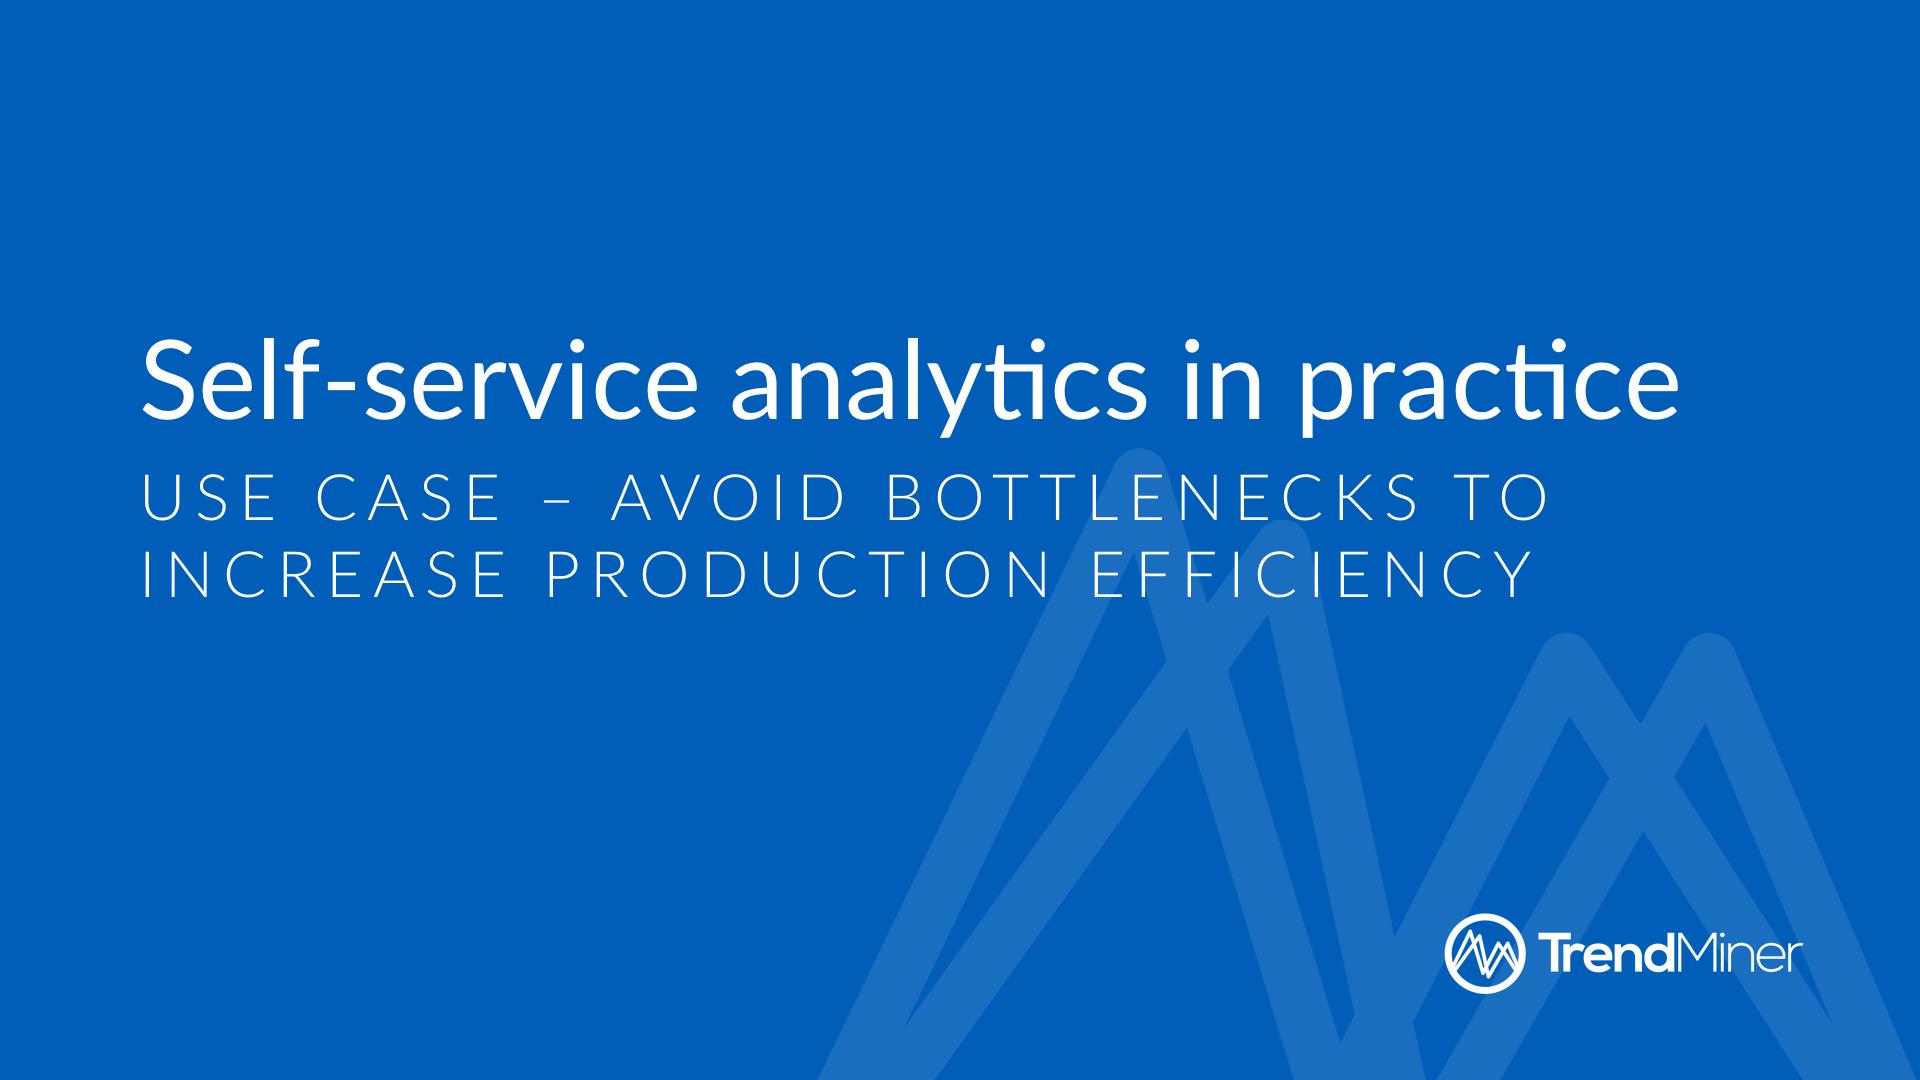 Use Case - avoid bottlenecks